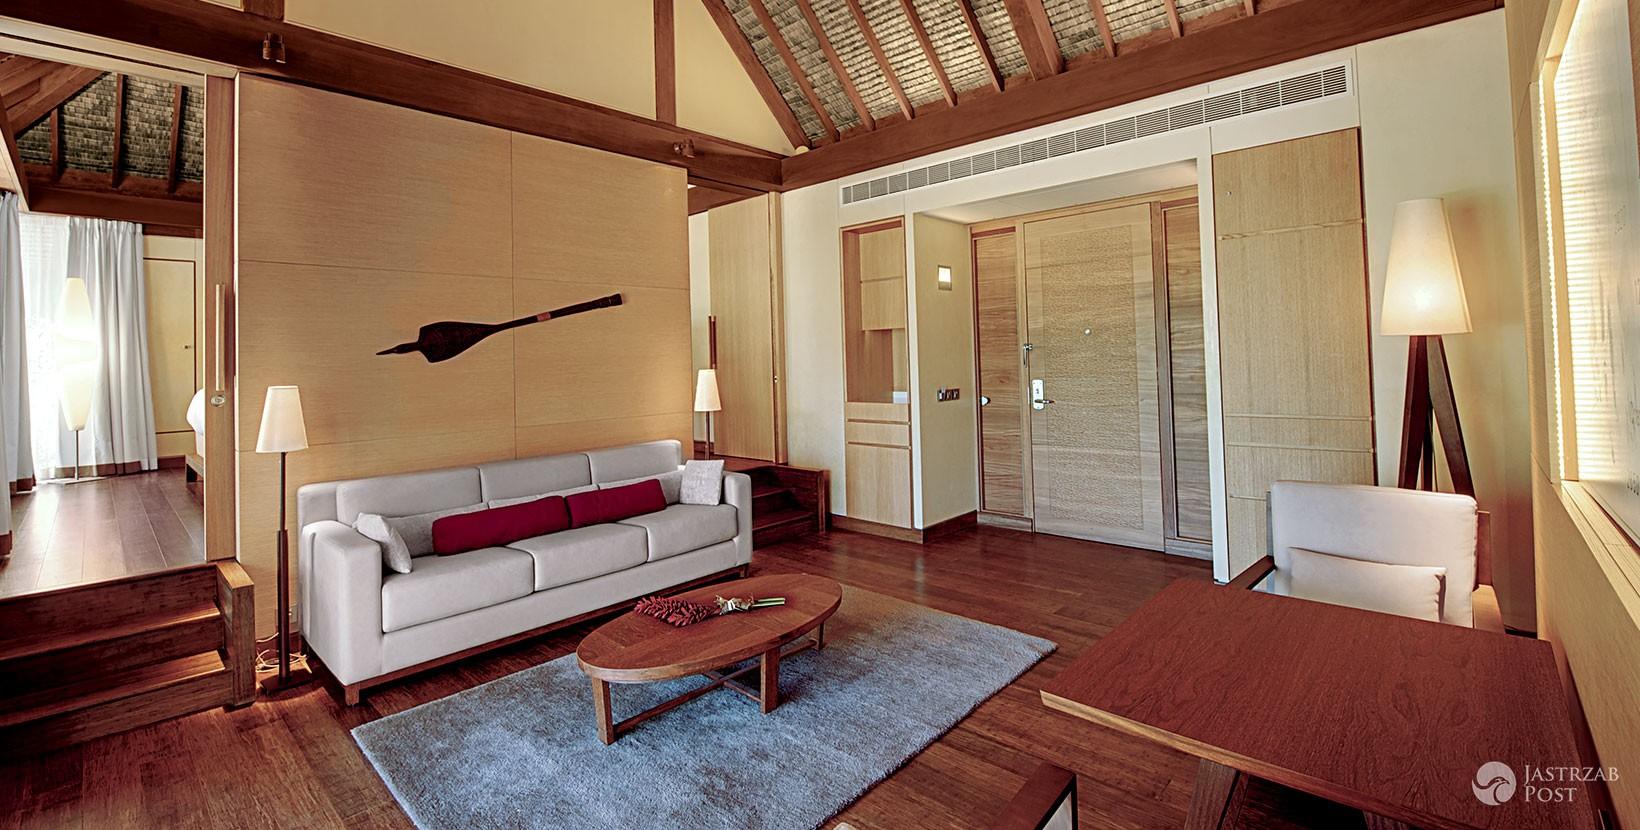 Luksusowy resort znajduje się na prywatnej wyspie - Pippa Middleton nie oszczędza na miesiącu miodowym